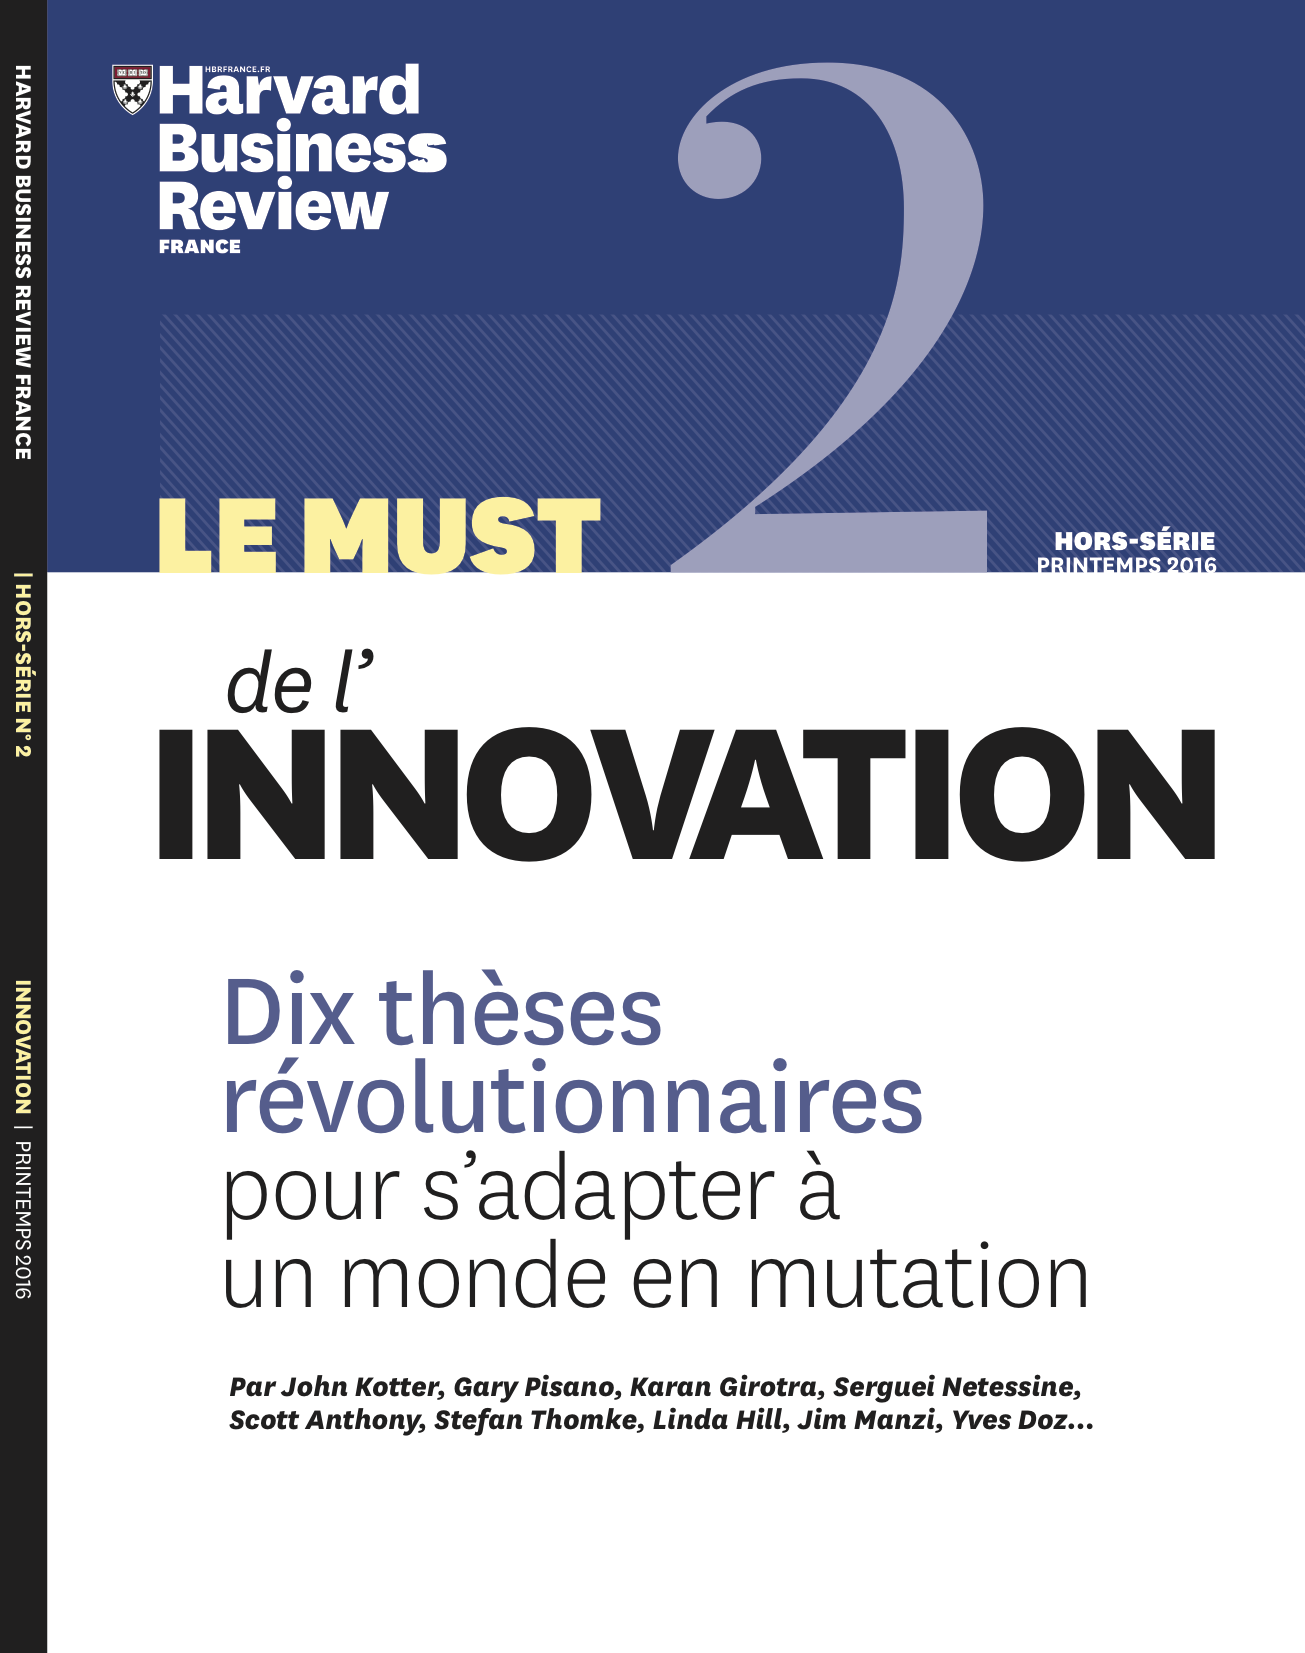 Le must de l'innovation